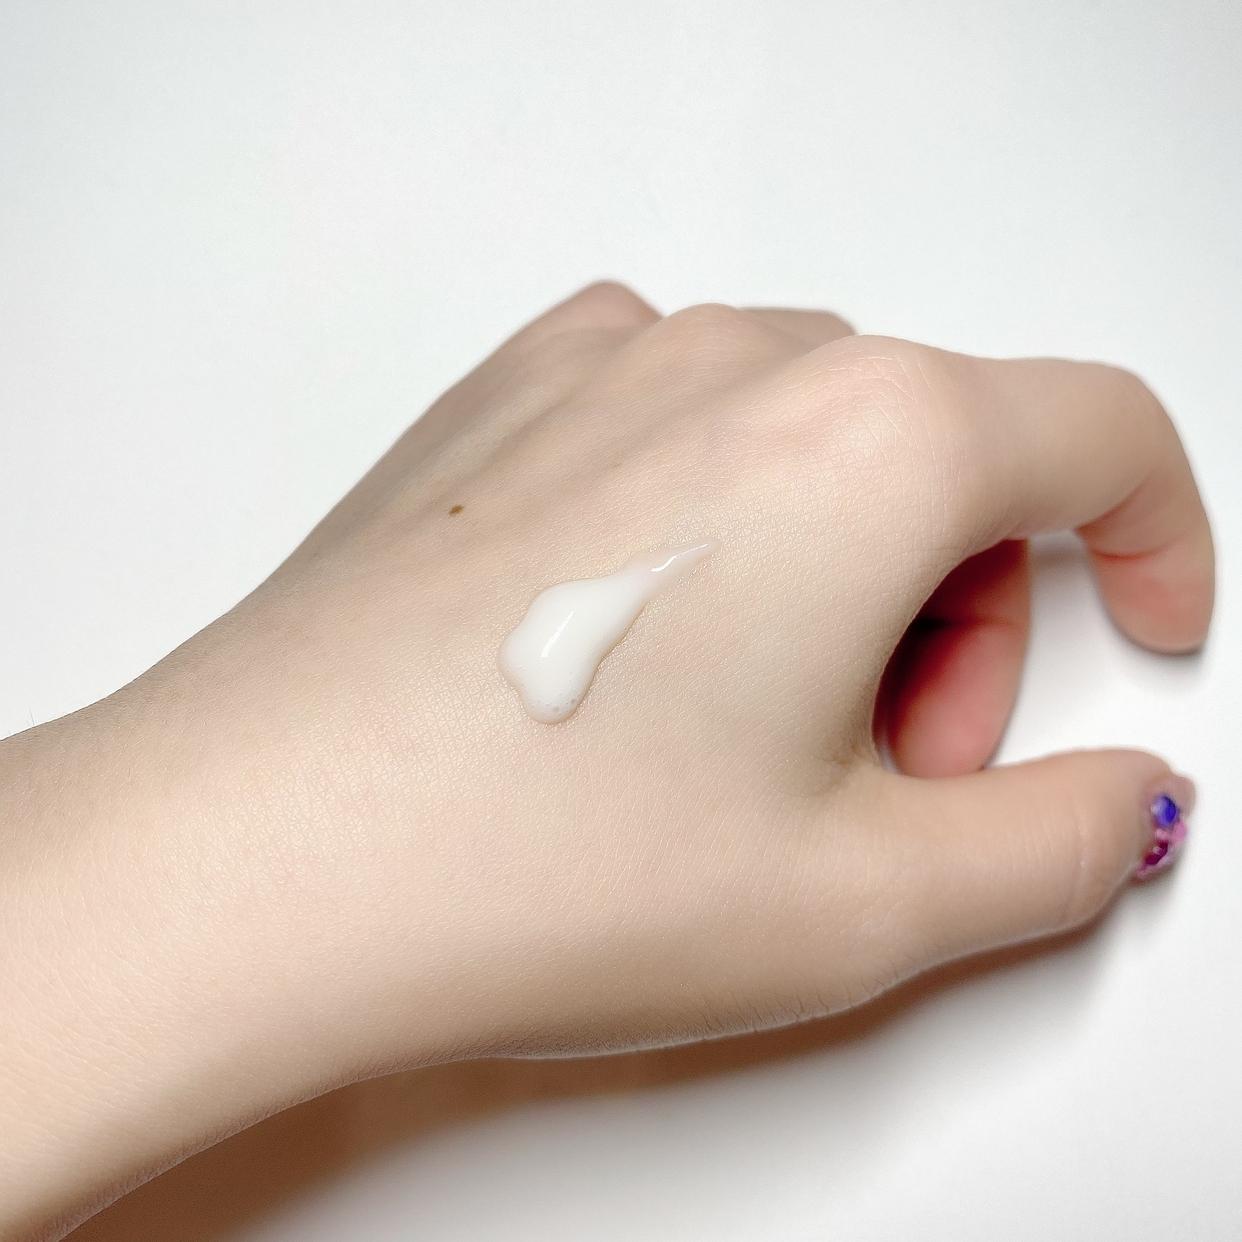 WiQo(ワイコ) フェイスフルイド美容液を使ったちびさんのクチコミ画像2